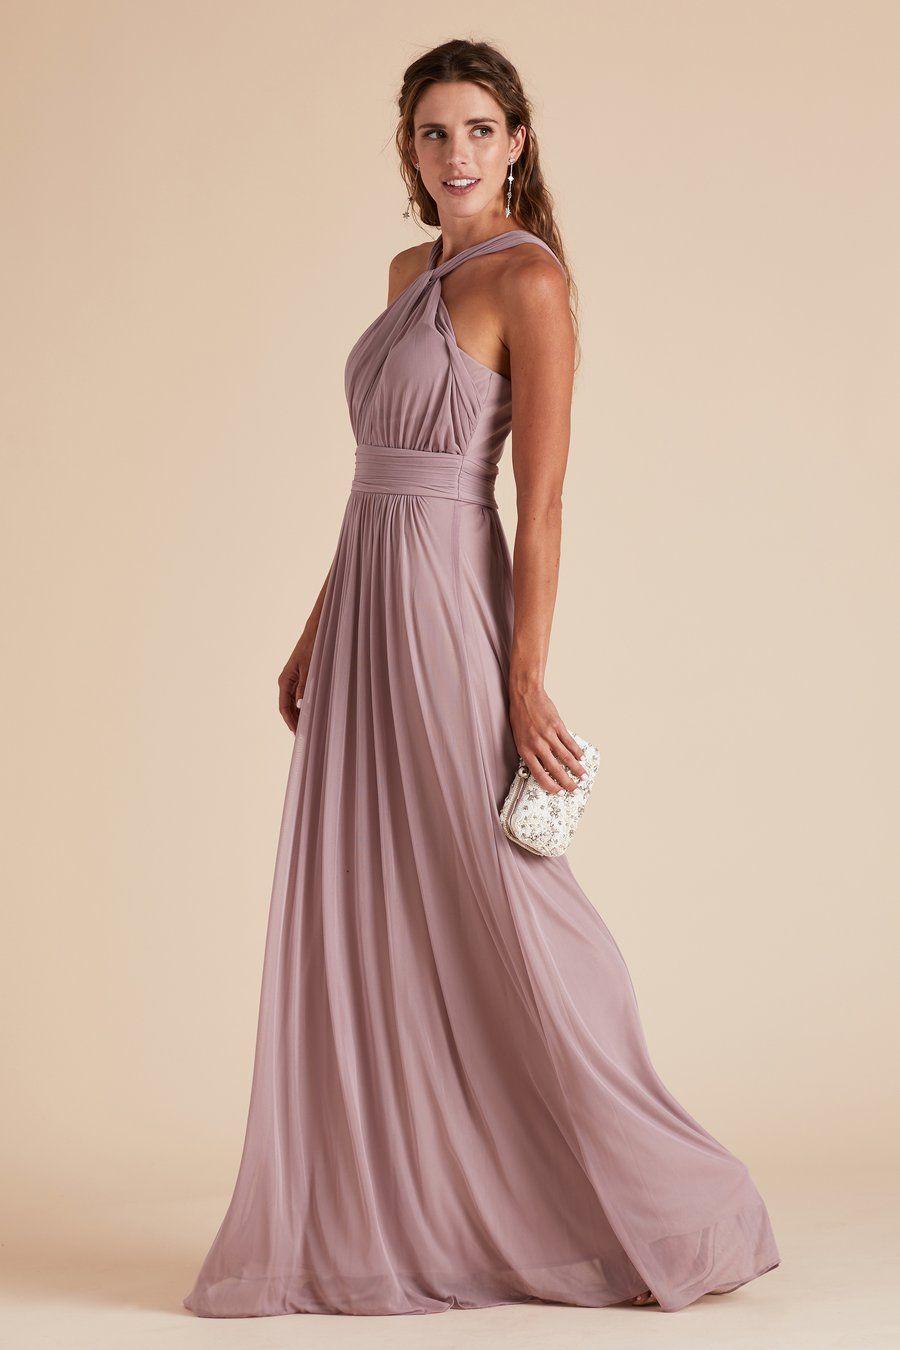 5a189ff7b2d Kiko bridesmaid dress by Birdy Grey in Mauve. Grecian halter neckline.  Under  100.